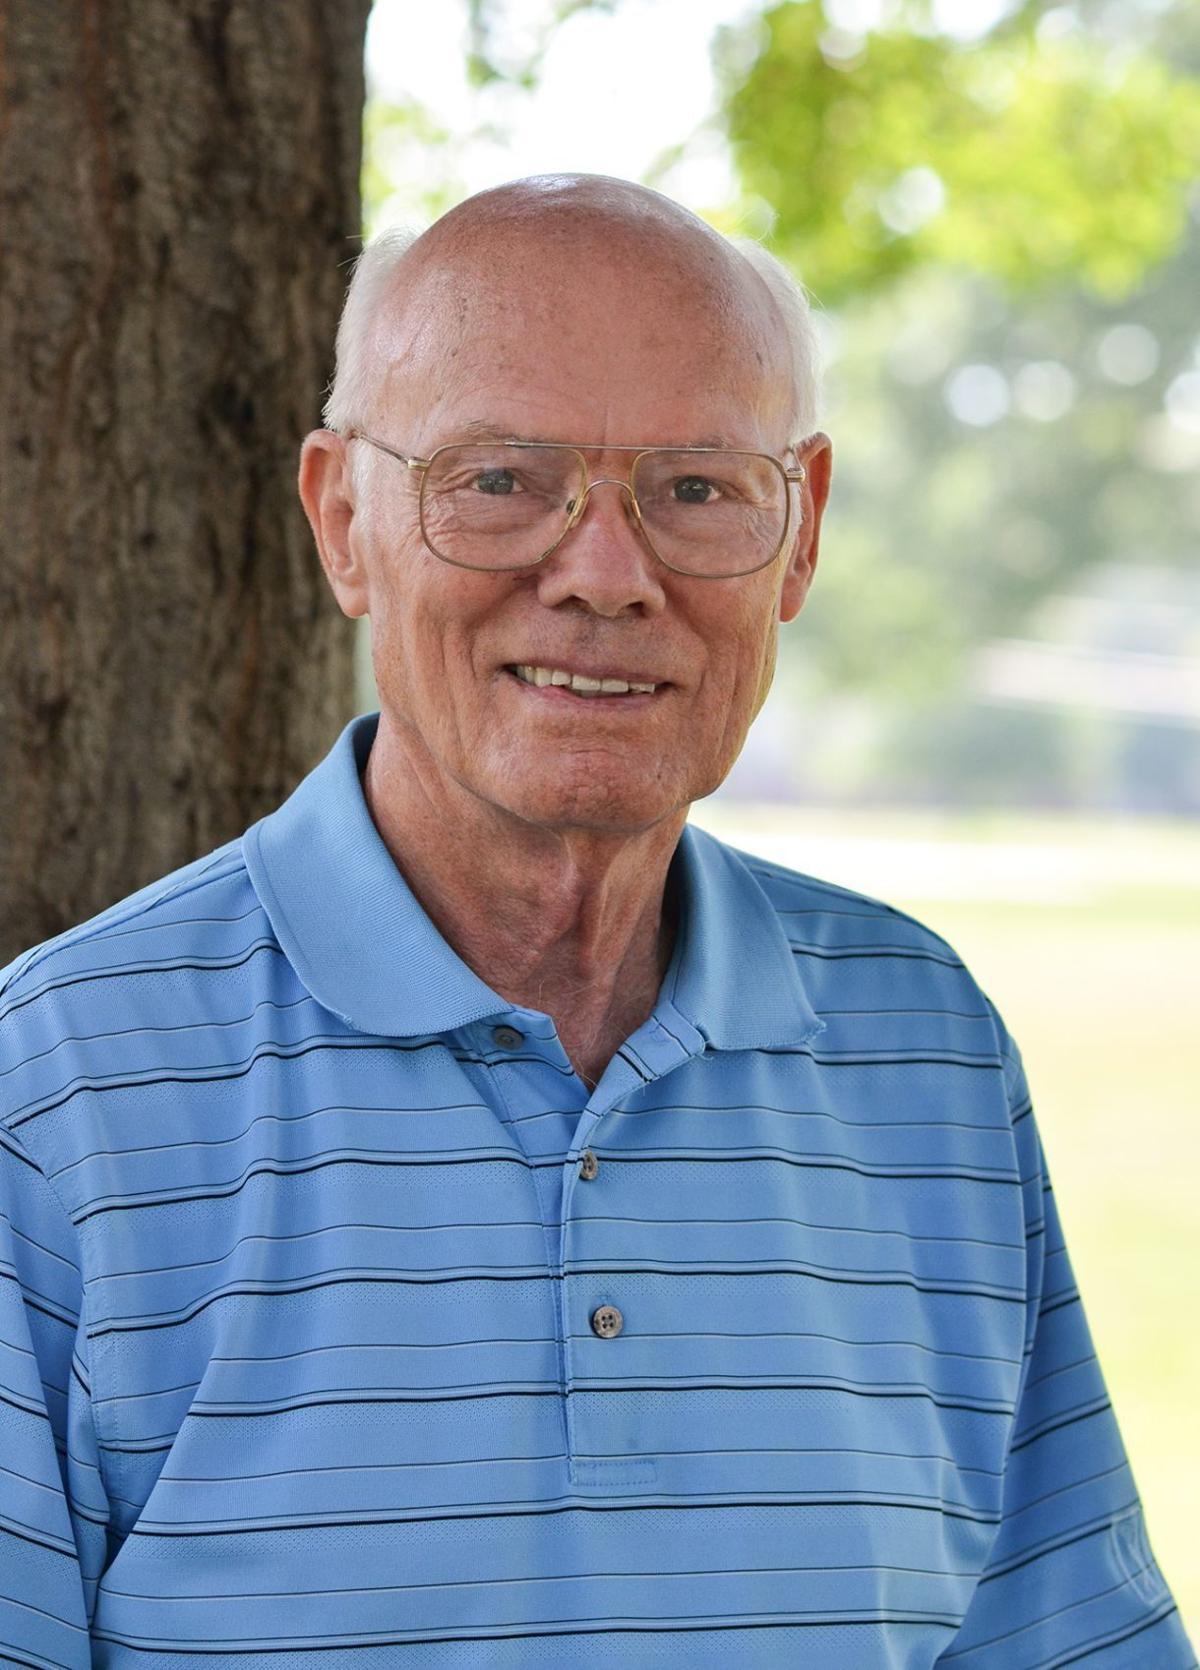 Mack Baltzegar, Duke Energy Citizenship and Service Award Winner